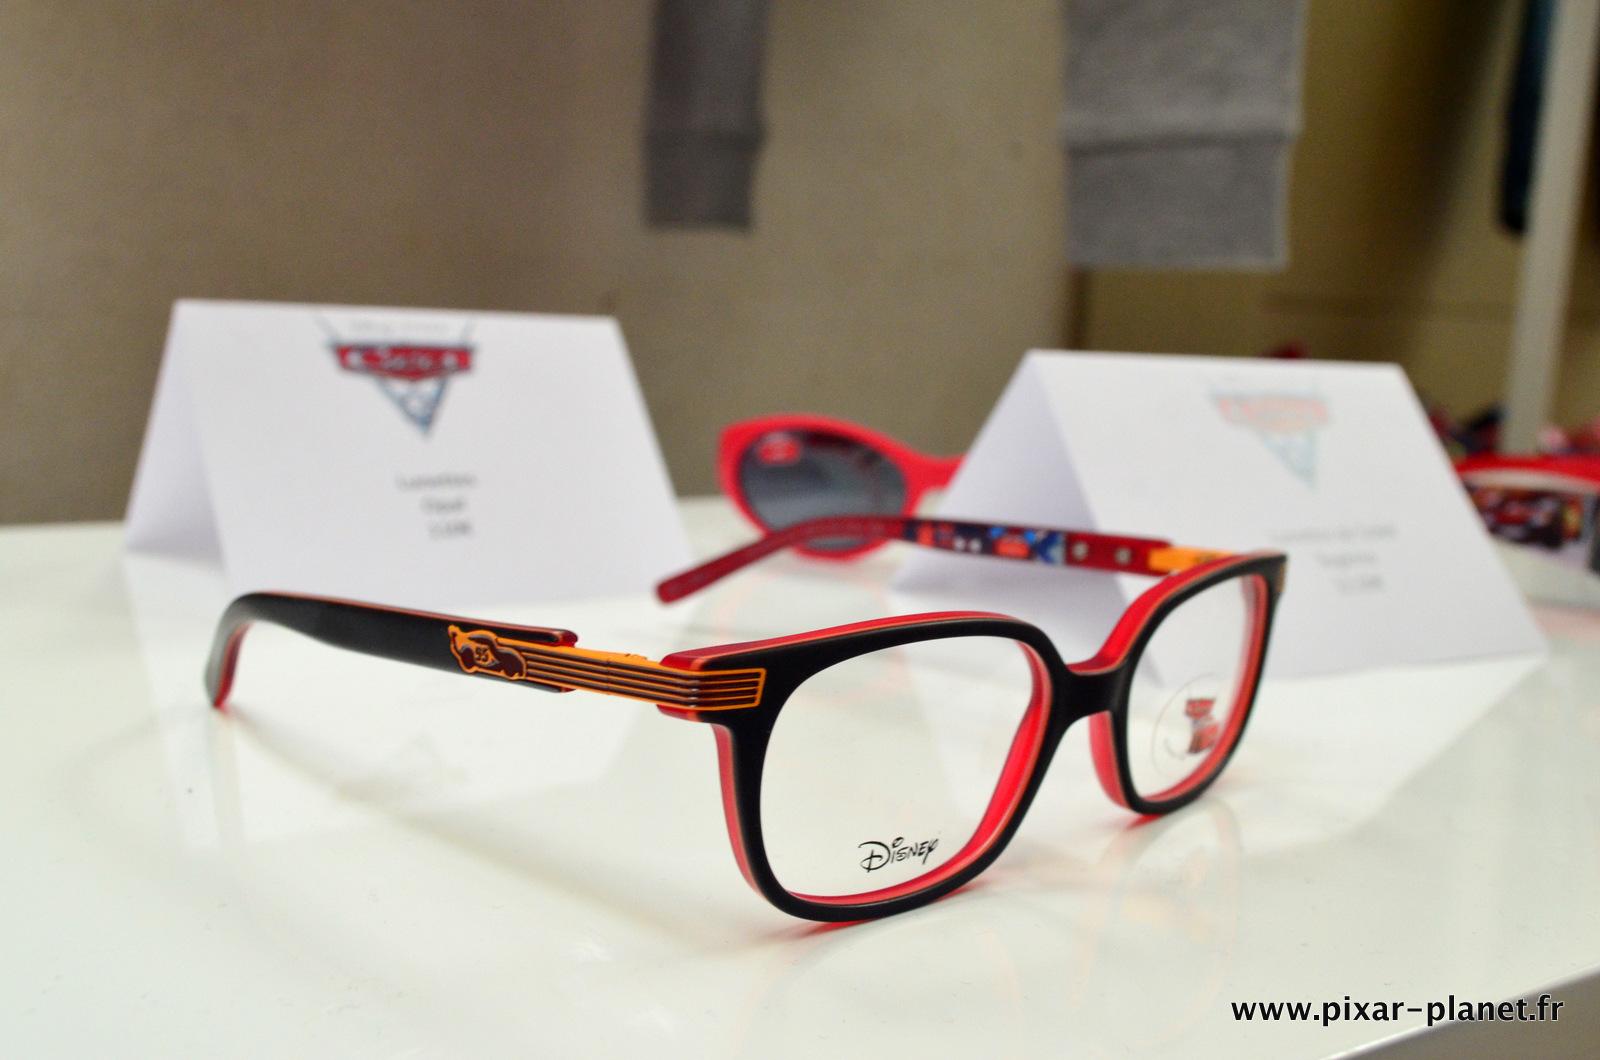 ... lunettes de vue par exemple) connaît un peu plus le souci du détail que  le gros design imposant comme on a pu voir auparavant (regardez bien  l extérieur ... 4e0b9b1acd32